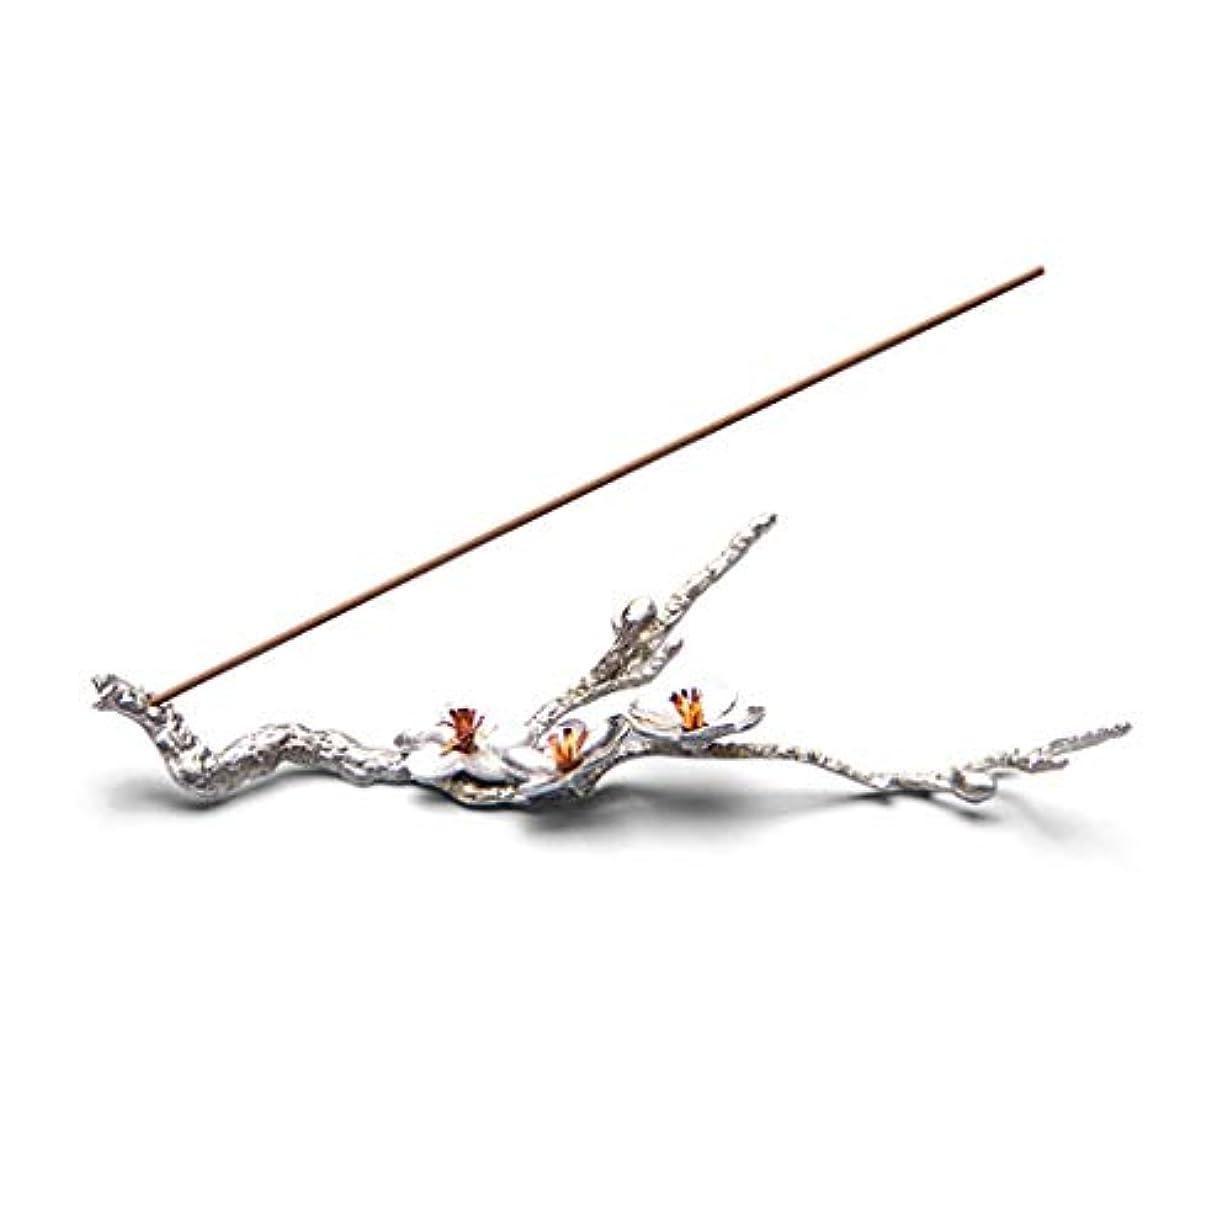 芳香器?アロマバーナー 純粋なブリキ梅香スティック禅禅香クリエイティブ日本の手作りライン香横になっている香炉 アロマバーナー